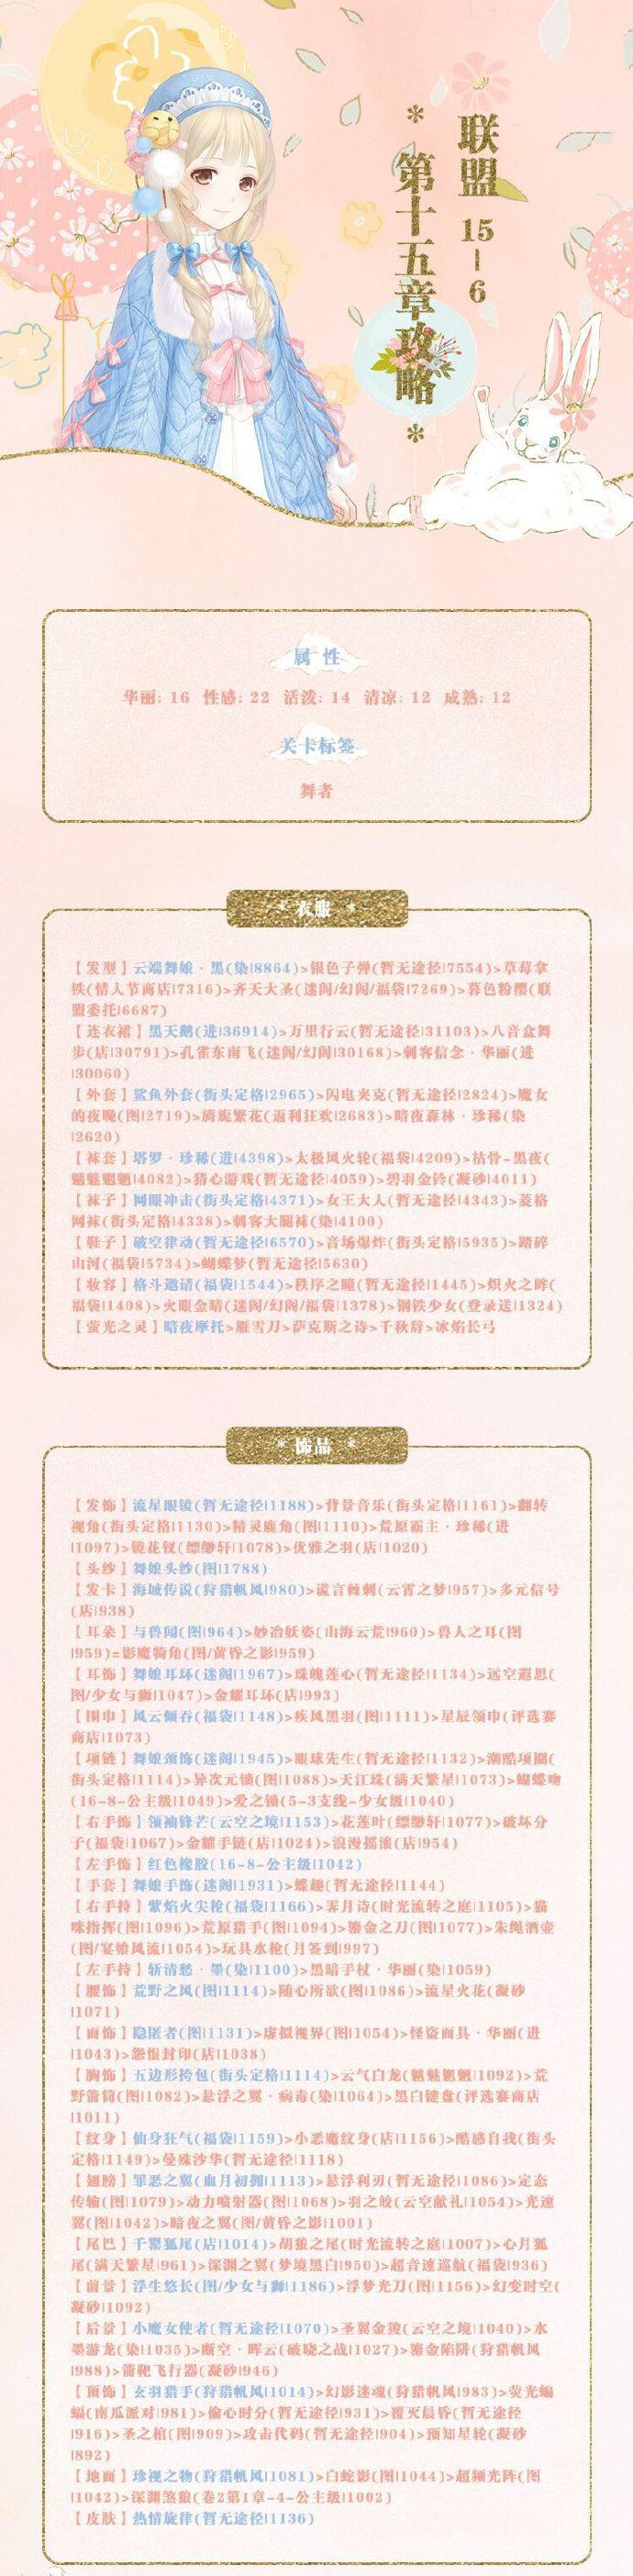 《奇迹暖暖》【联盟委托】15-6攻略